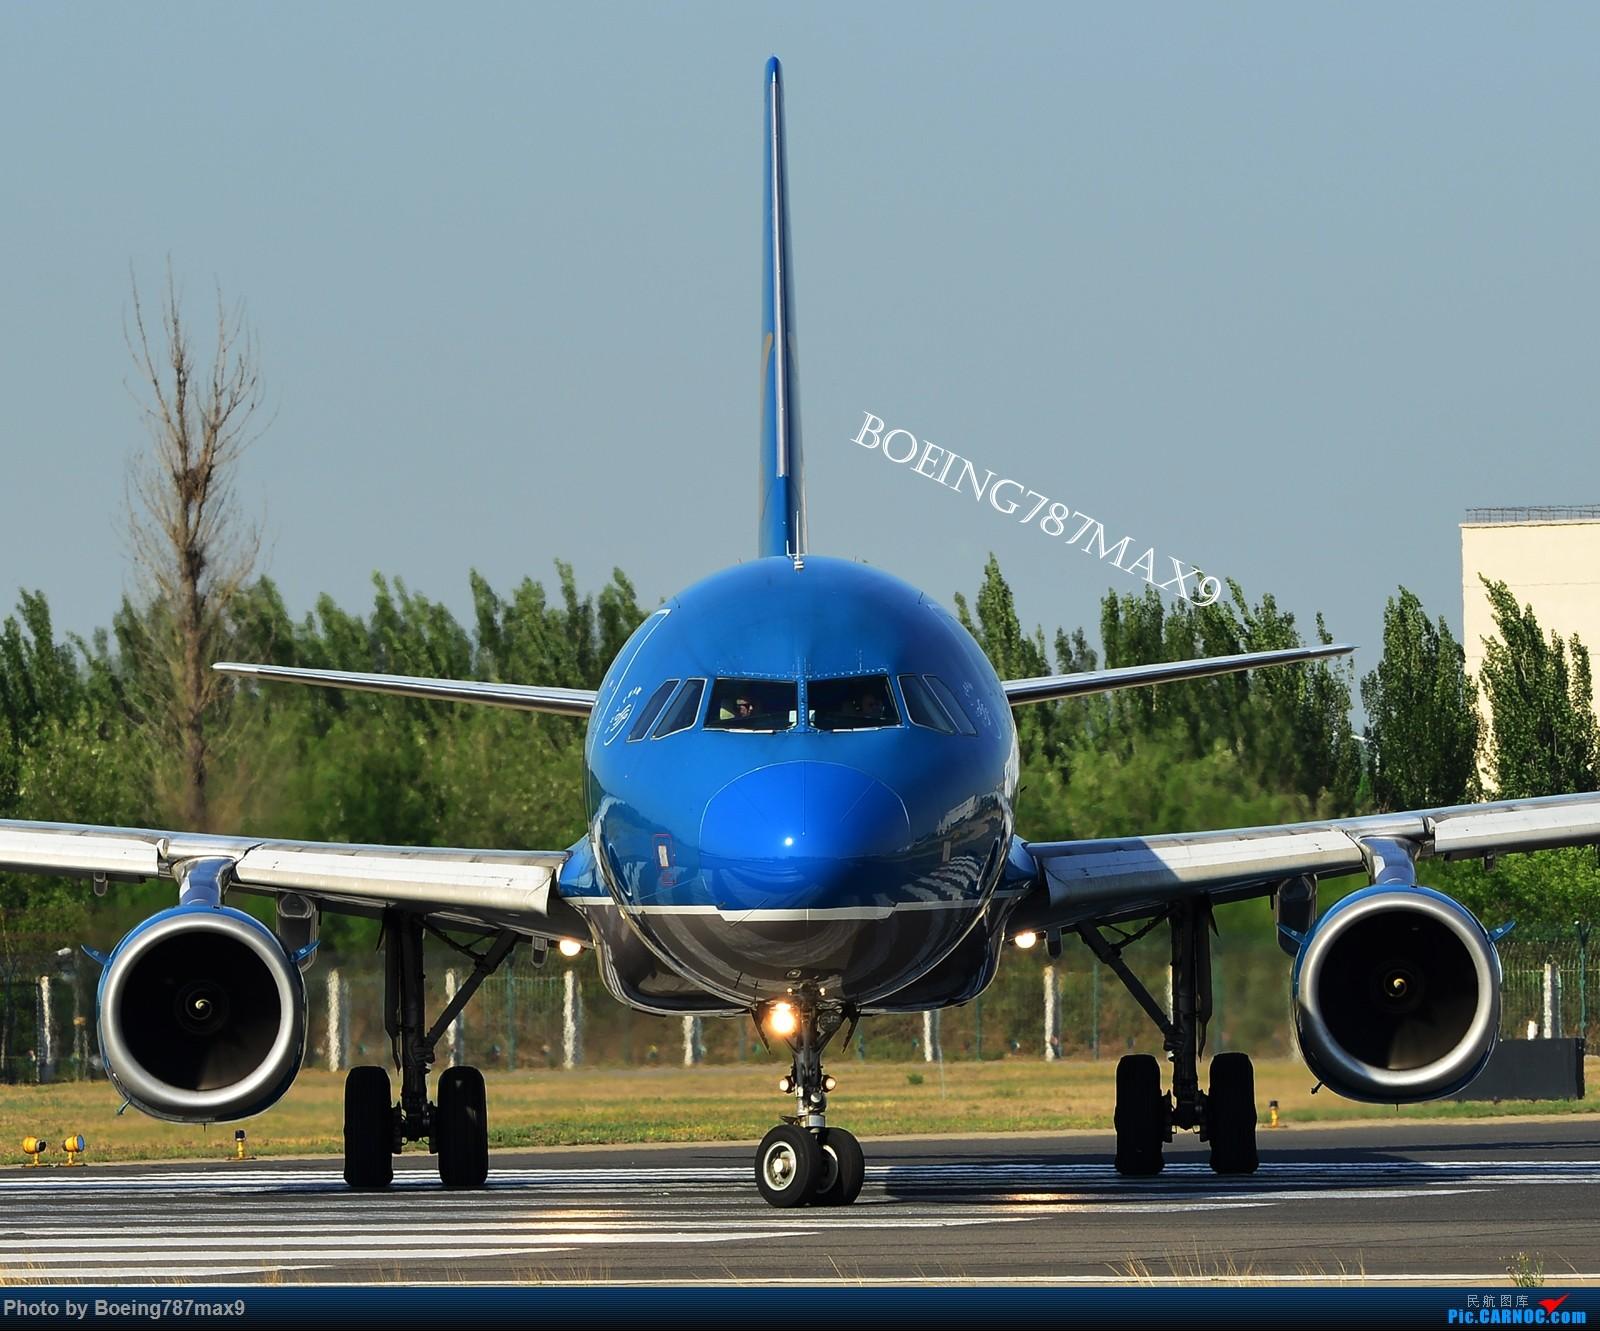 [原创]【PEK】独一无二独特的拍摄角度,超有震撼力的机头『1600*高清大图』 AIRBUS A321 VN-A329 中国北京首都国际机场